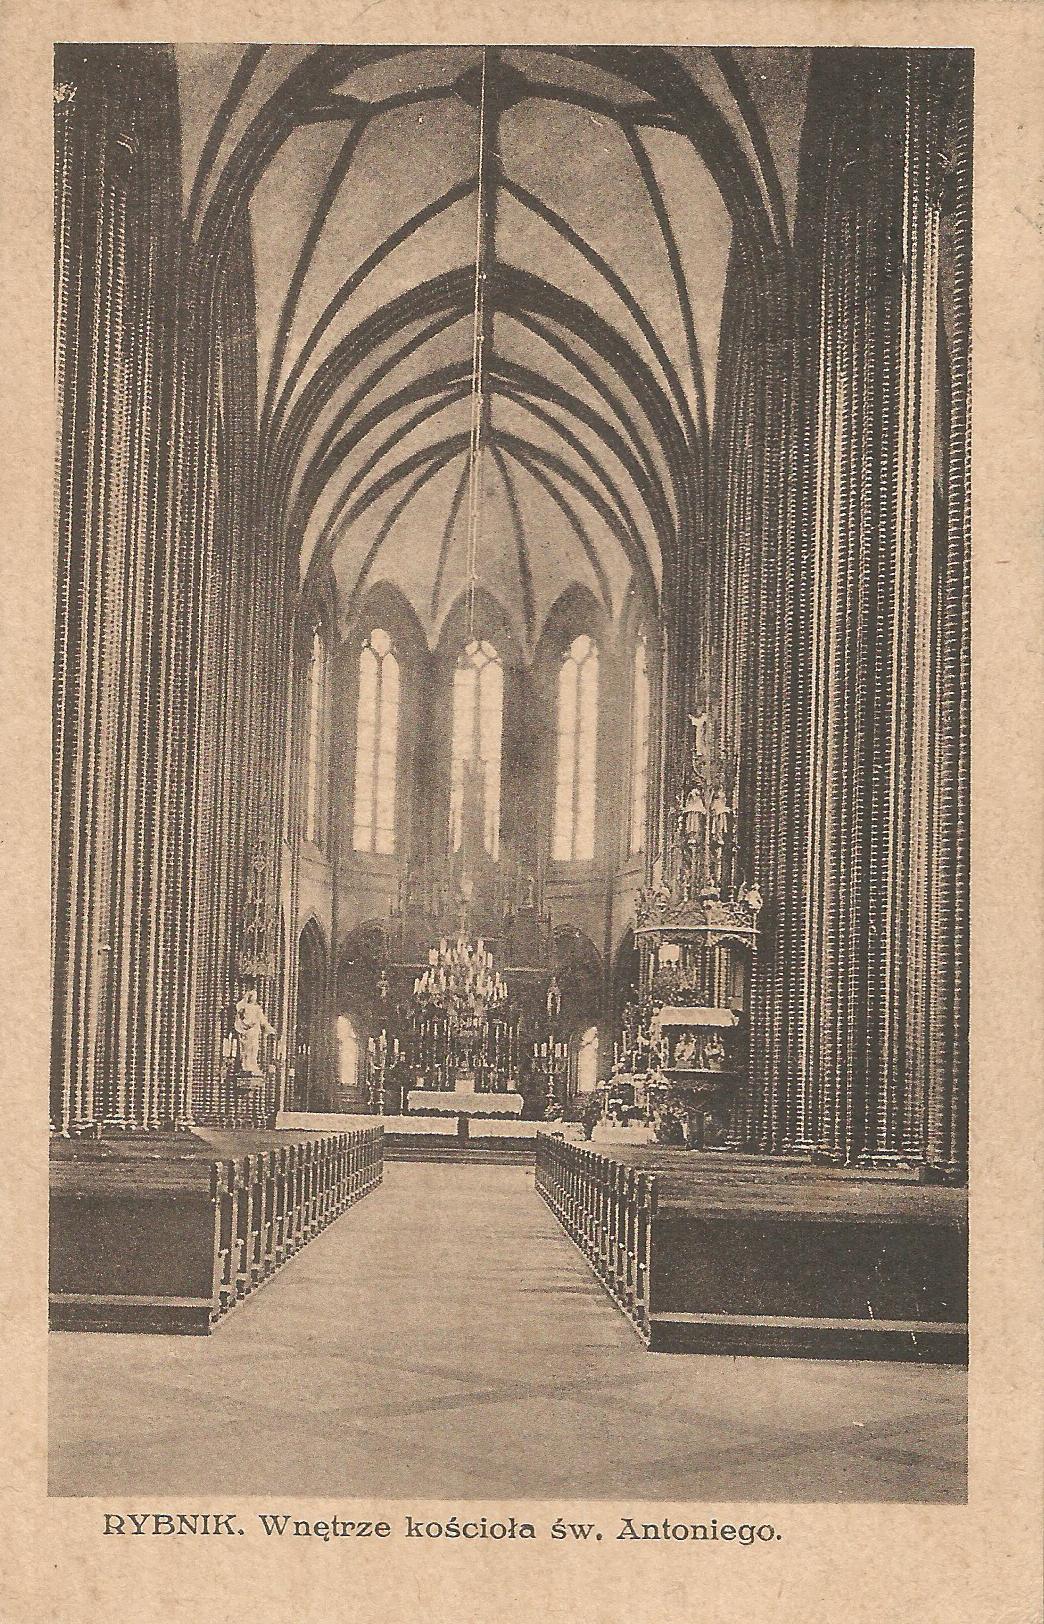 Rybnik. Wnętrze kościoła św. Antoniego.